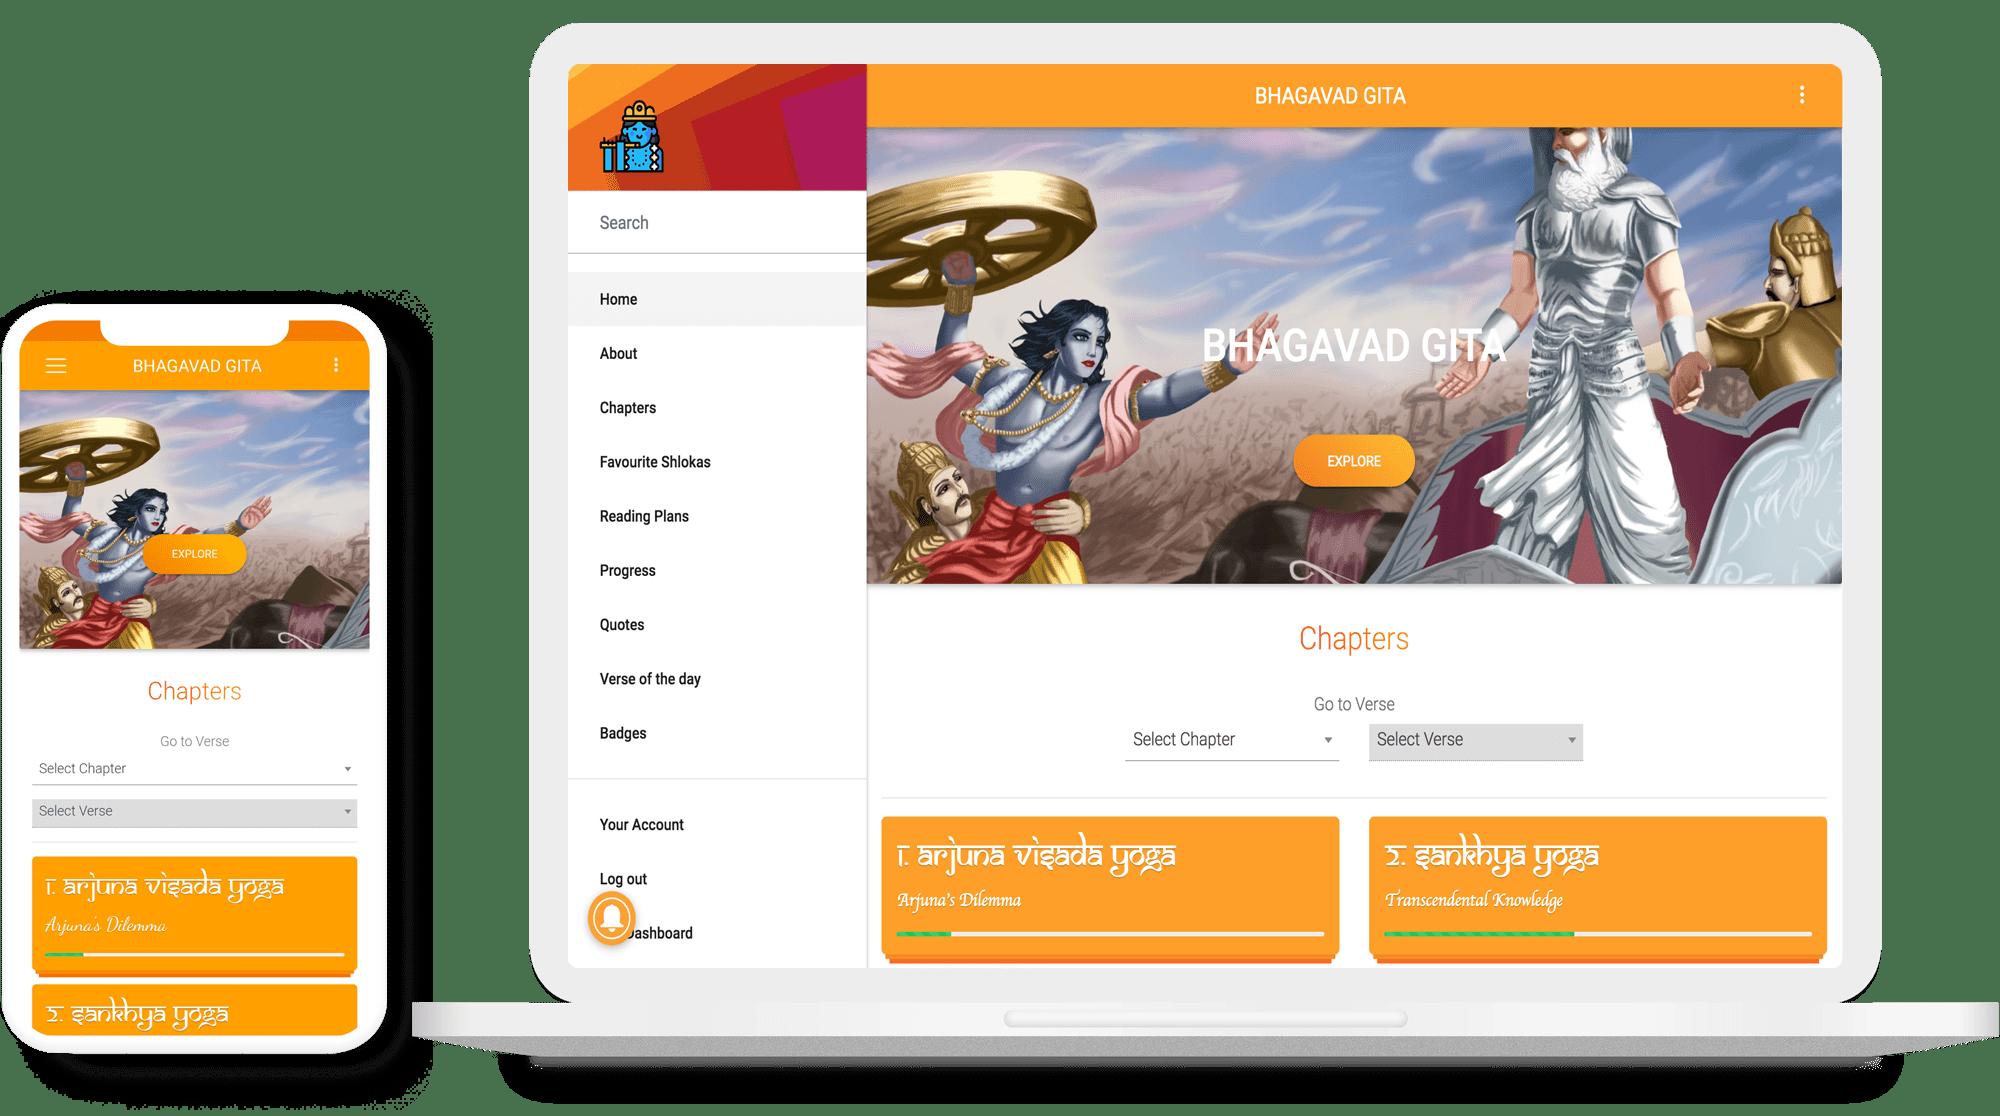 Best Bhagavad Gita App! Download the Gita App now - 100